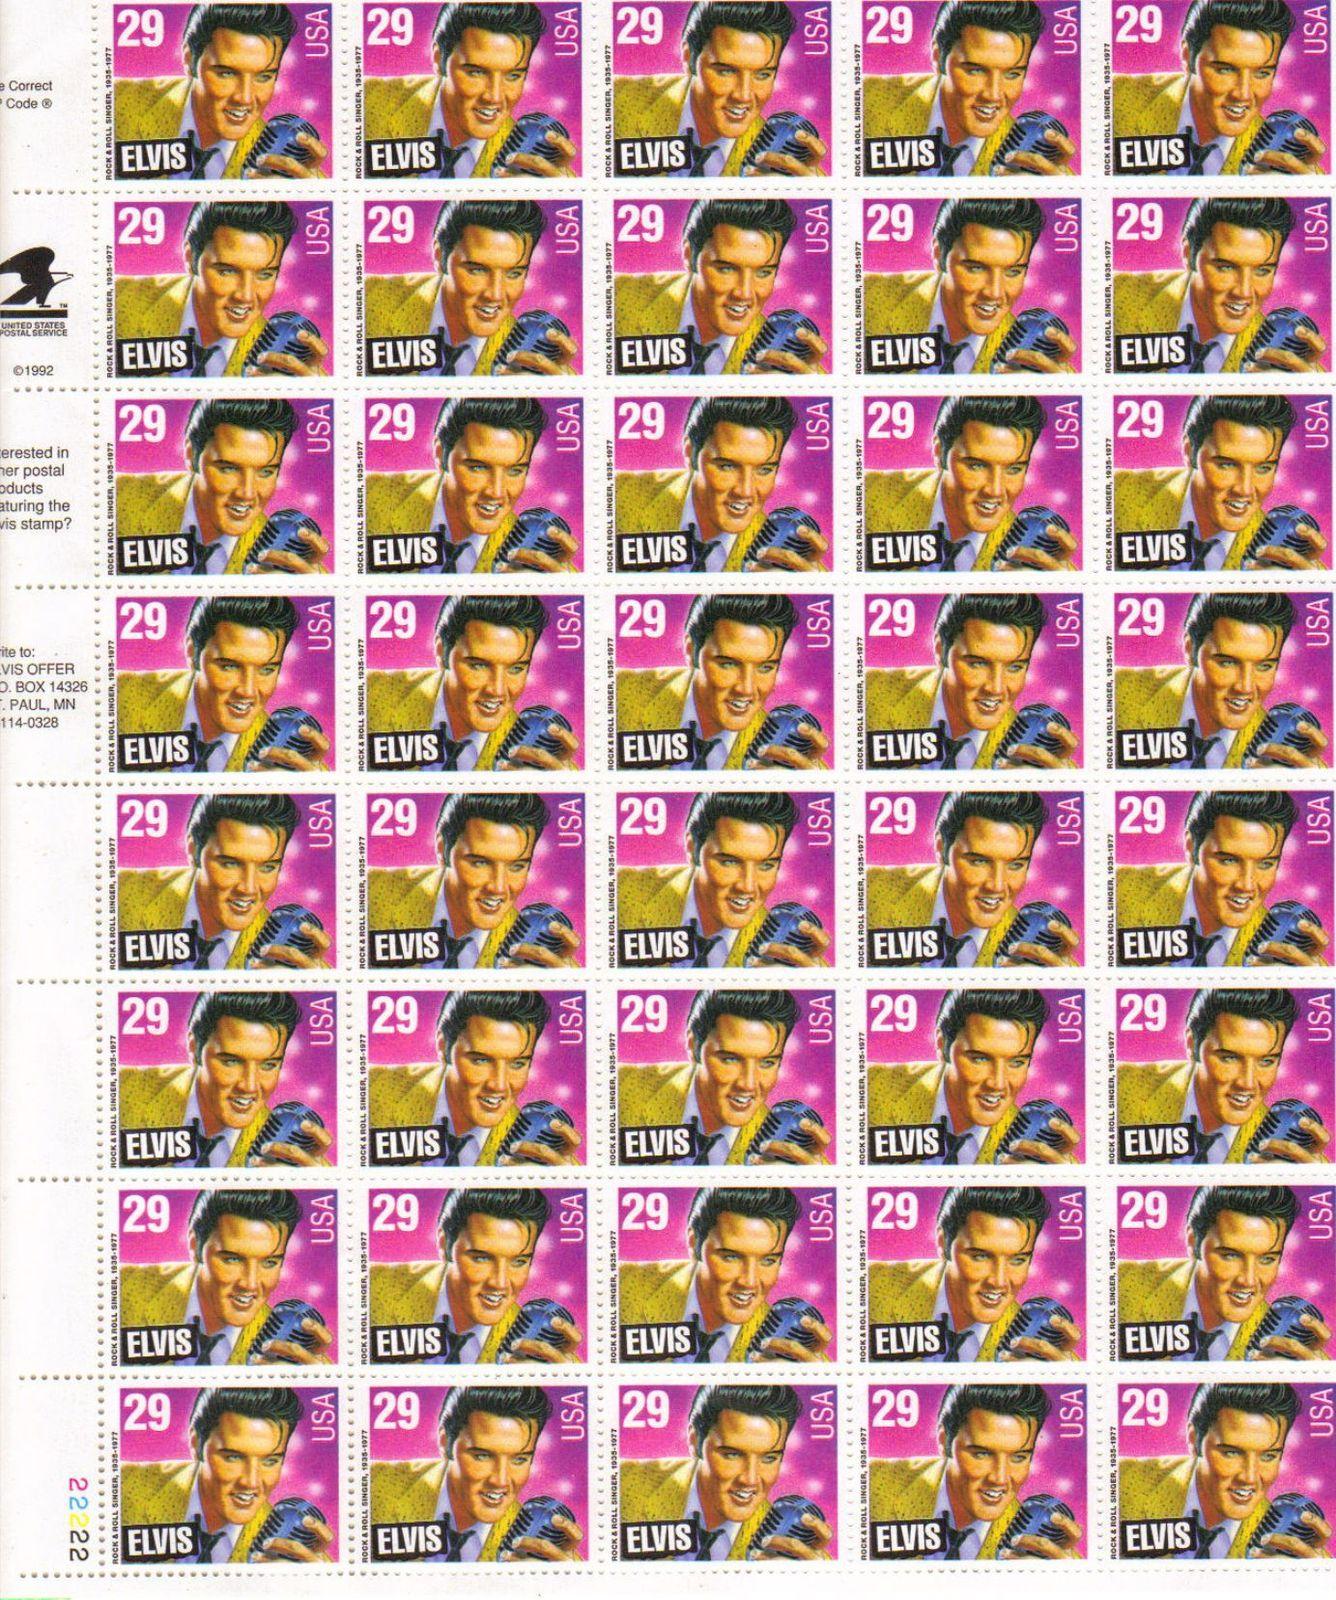 Elvis_stamps_01